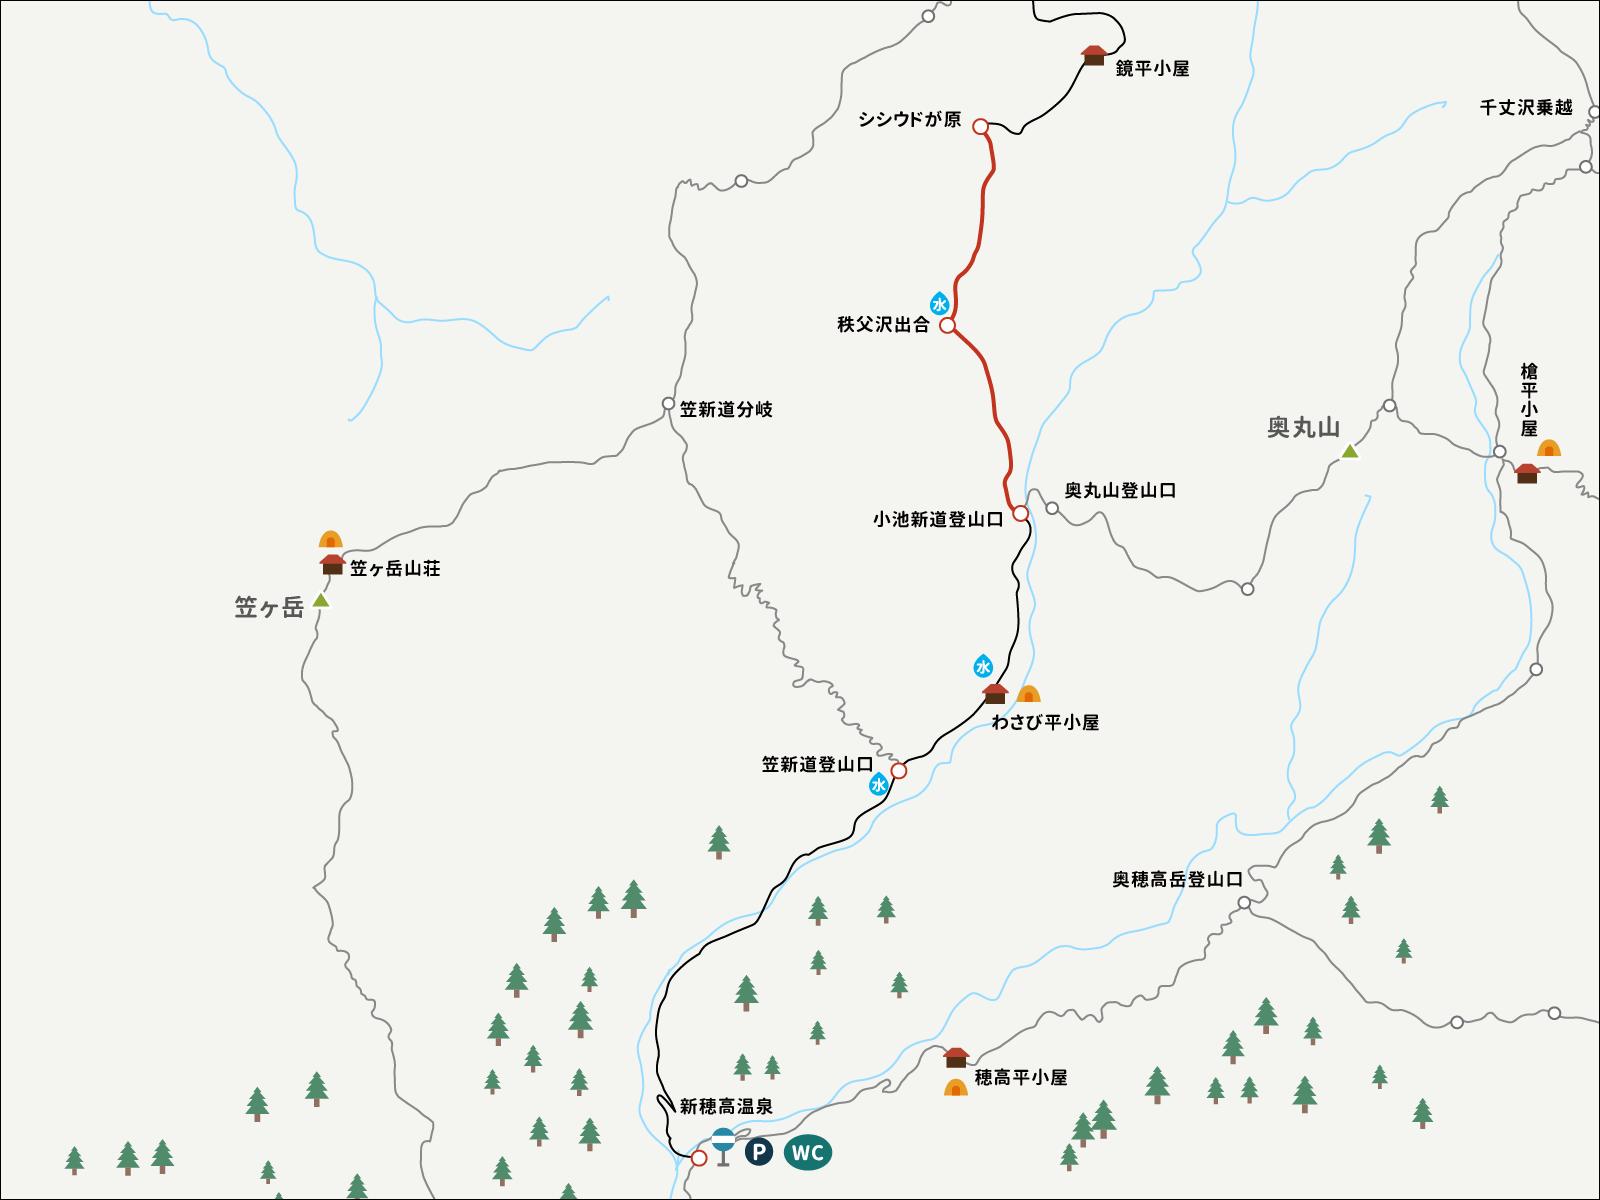 シシドウガ原から小池新道登山口までのイラストマップ